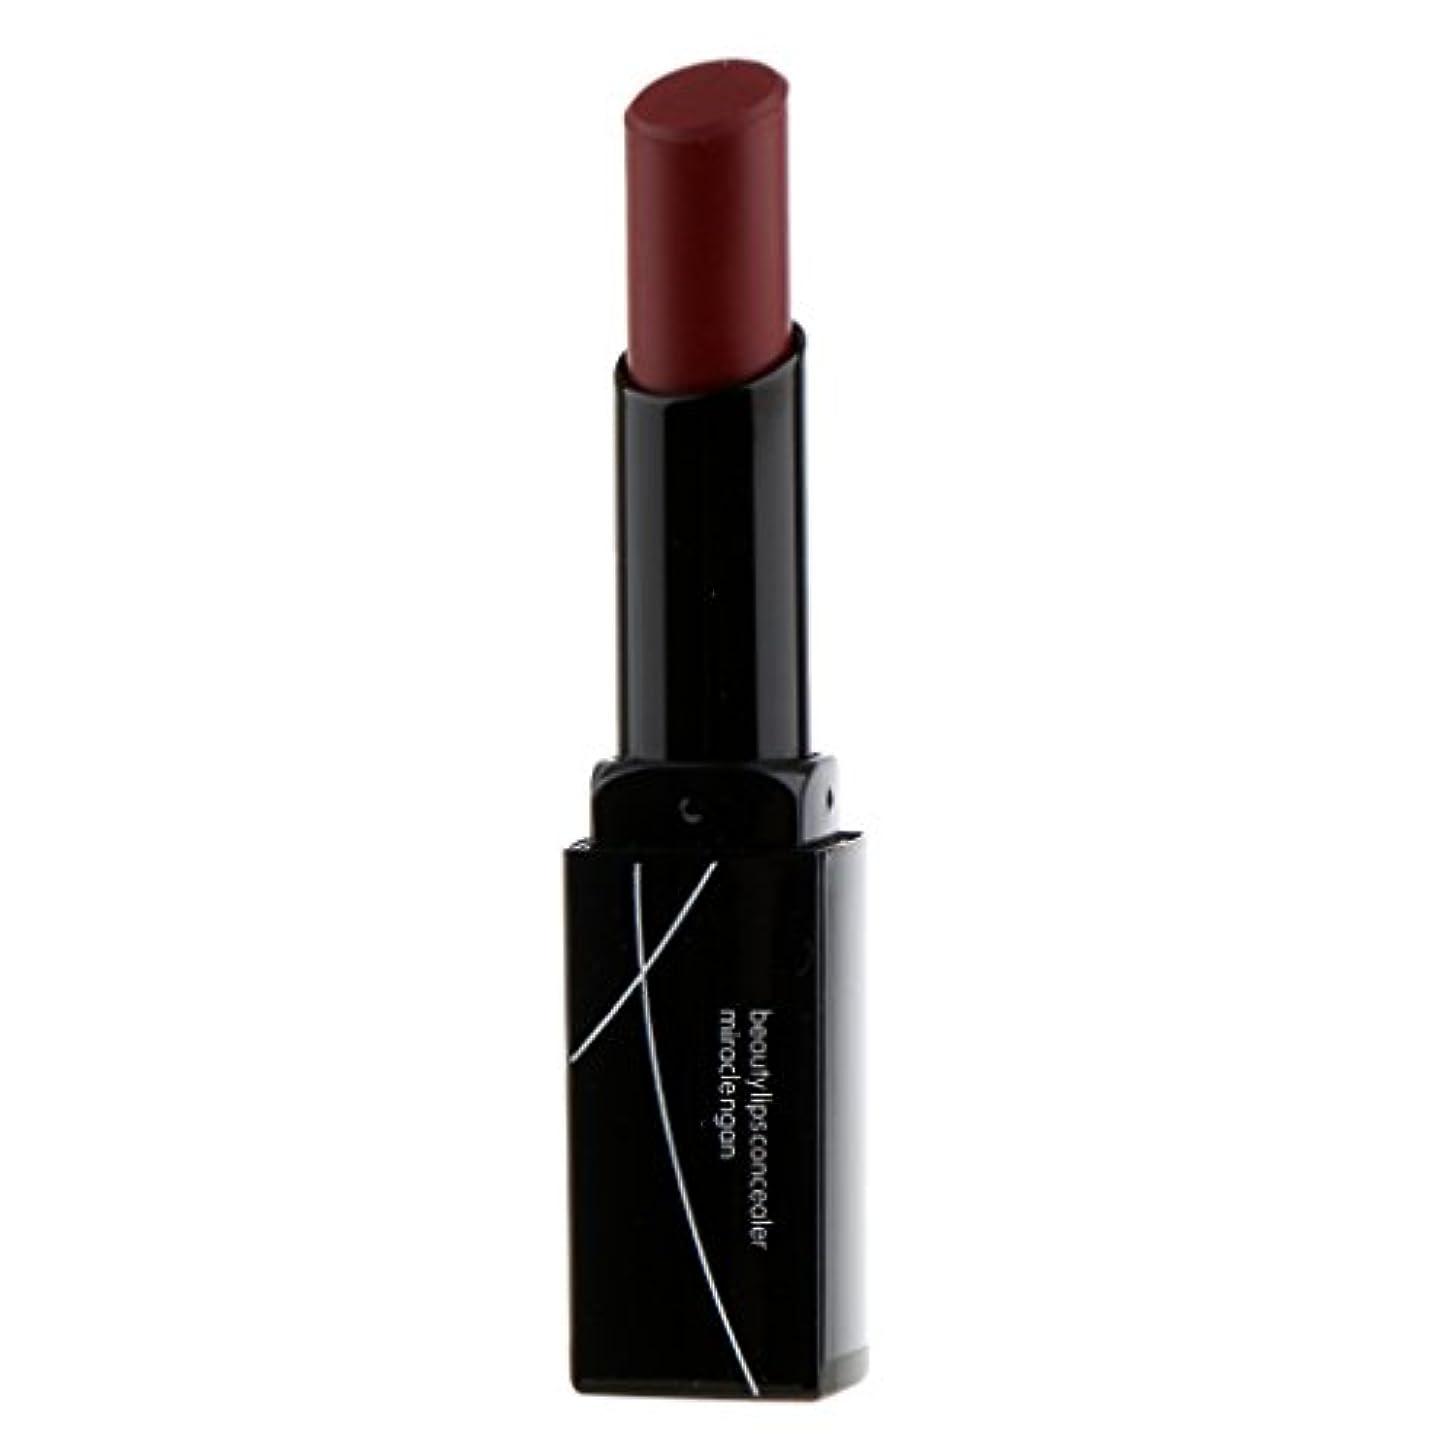 居間前置詞本当に女性マットベルベットヌード鉛筆口紅リップグロス防水永続的なメイク - 暗赤色